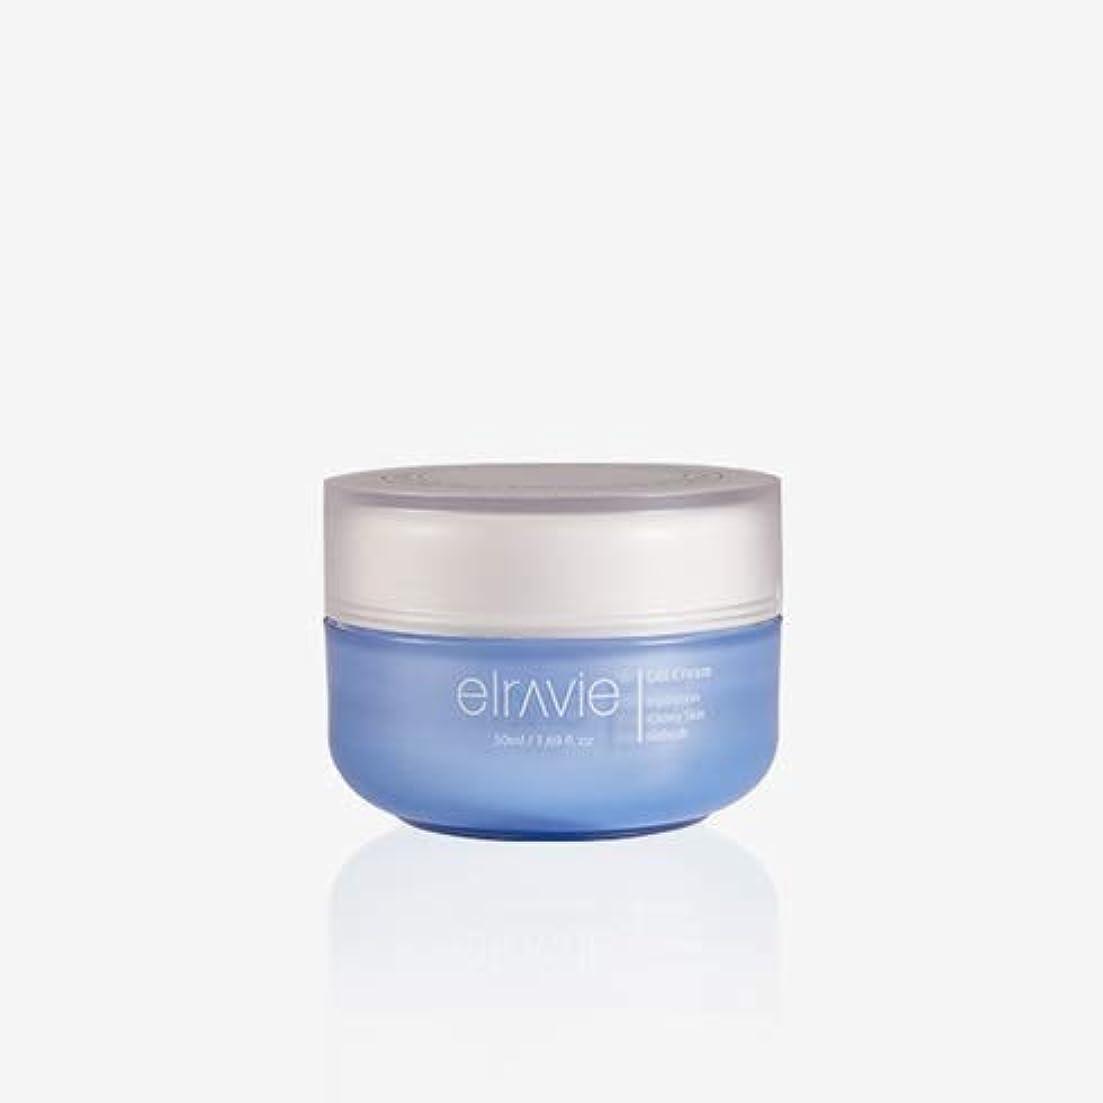 スカーフどれか絶望的なエラヴィー[Elravie] ダーマハイドロエクステンデッドハイジェルクリーム50ml / Derma Hydro Extended Hyal Gel Cream